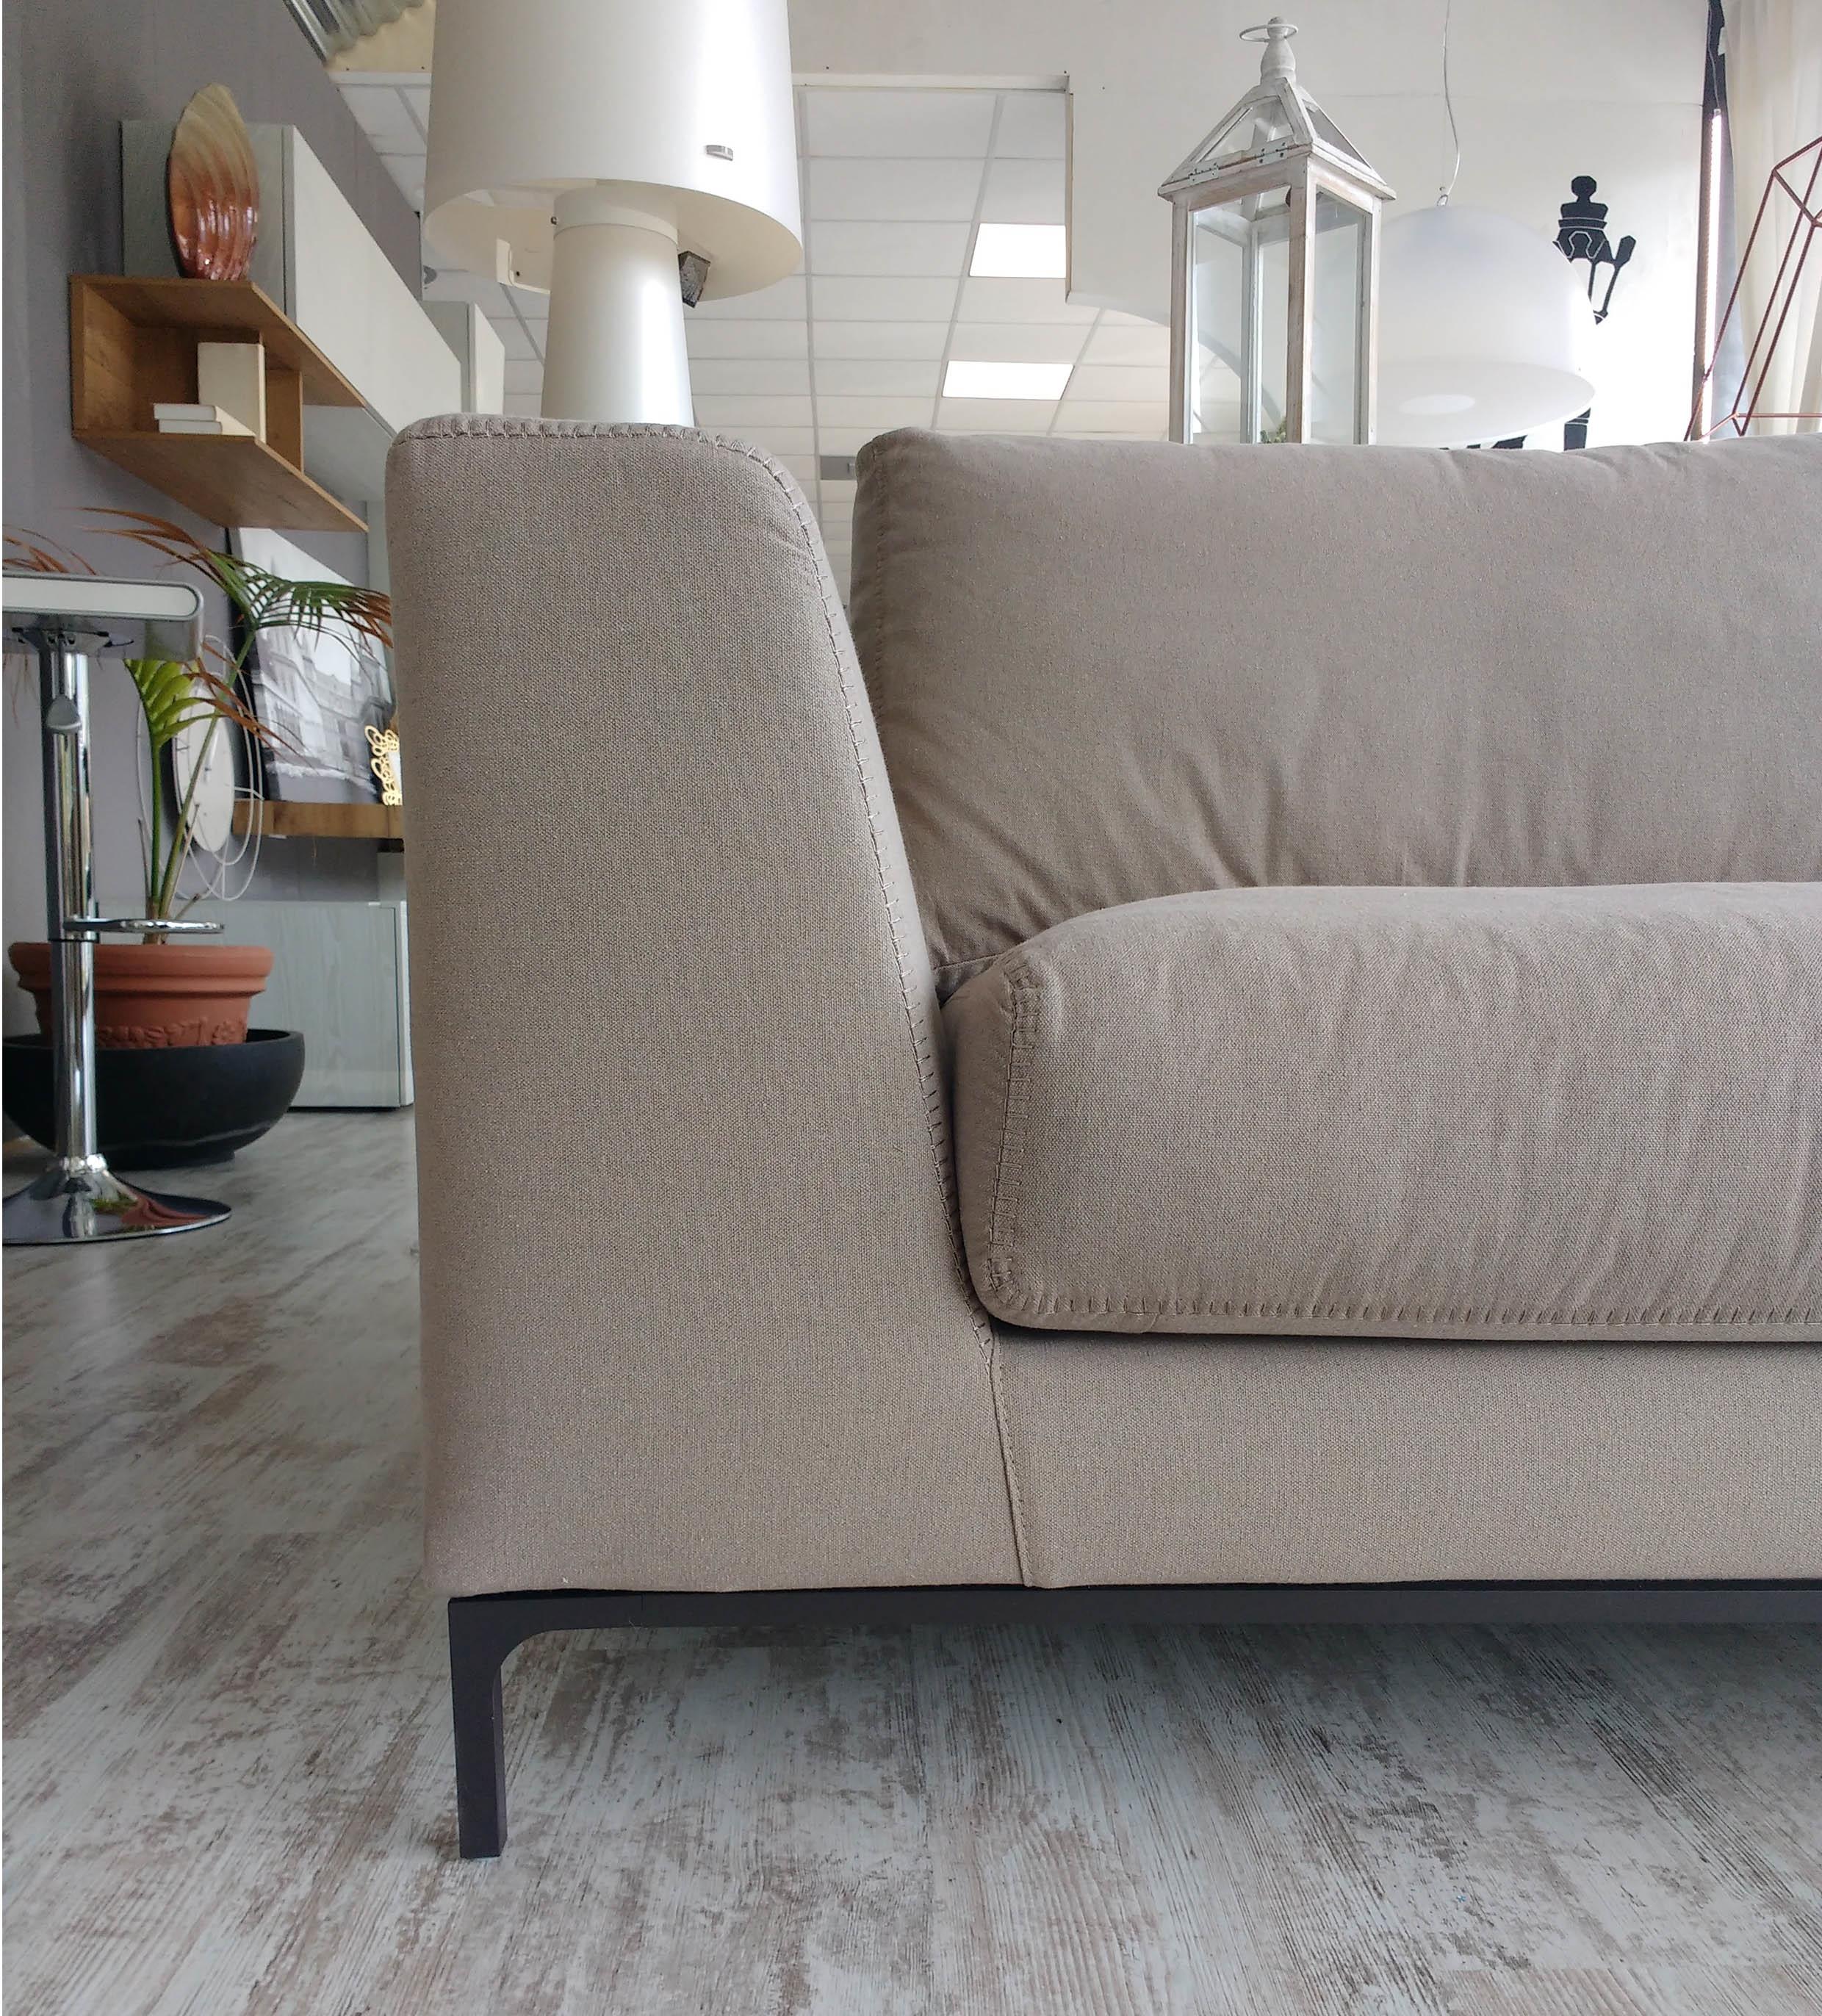 Ditre divani idee creative e innovative sulla casa e l for Design scontato